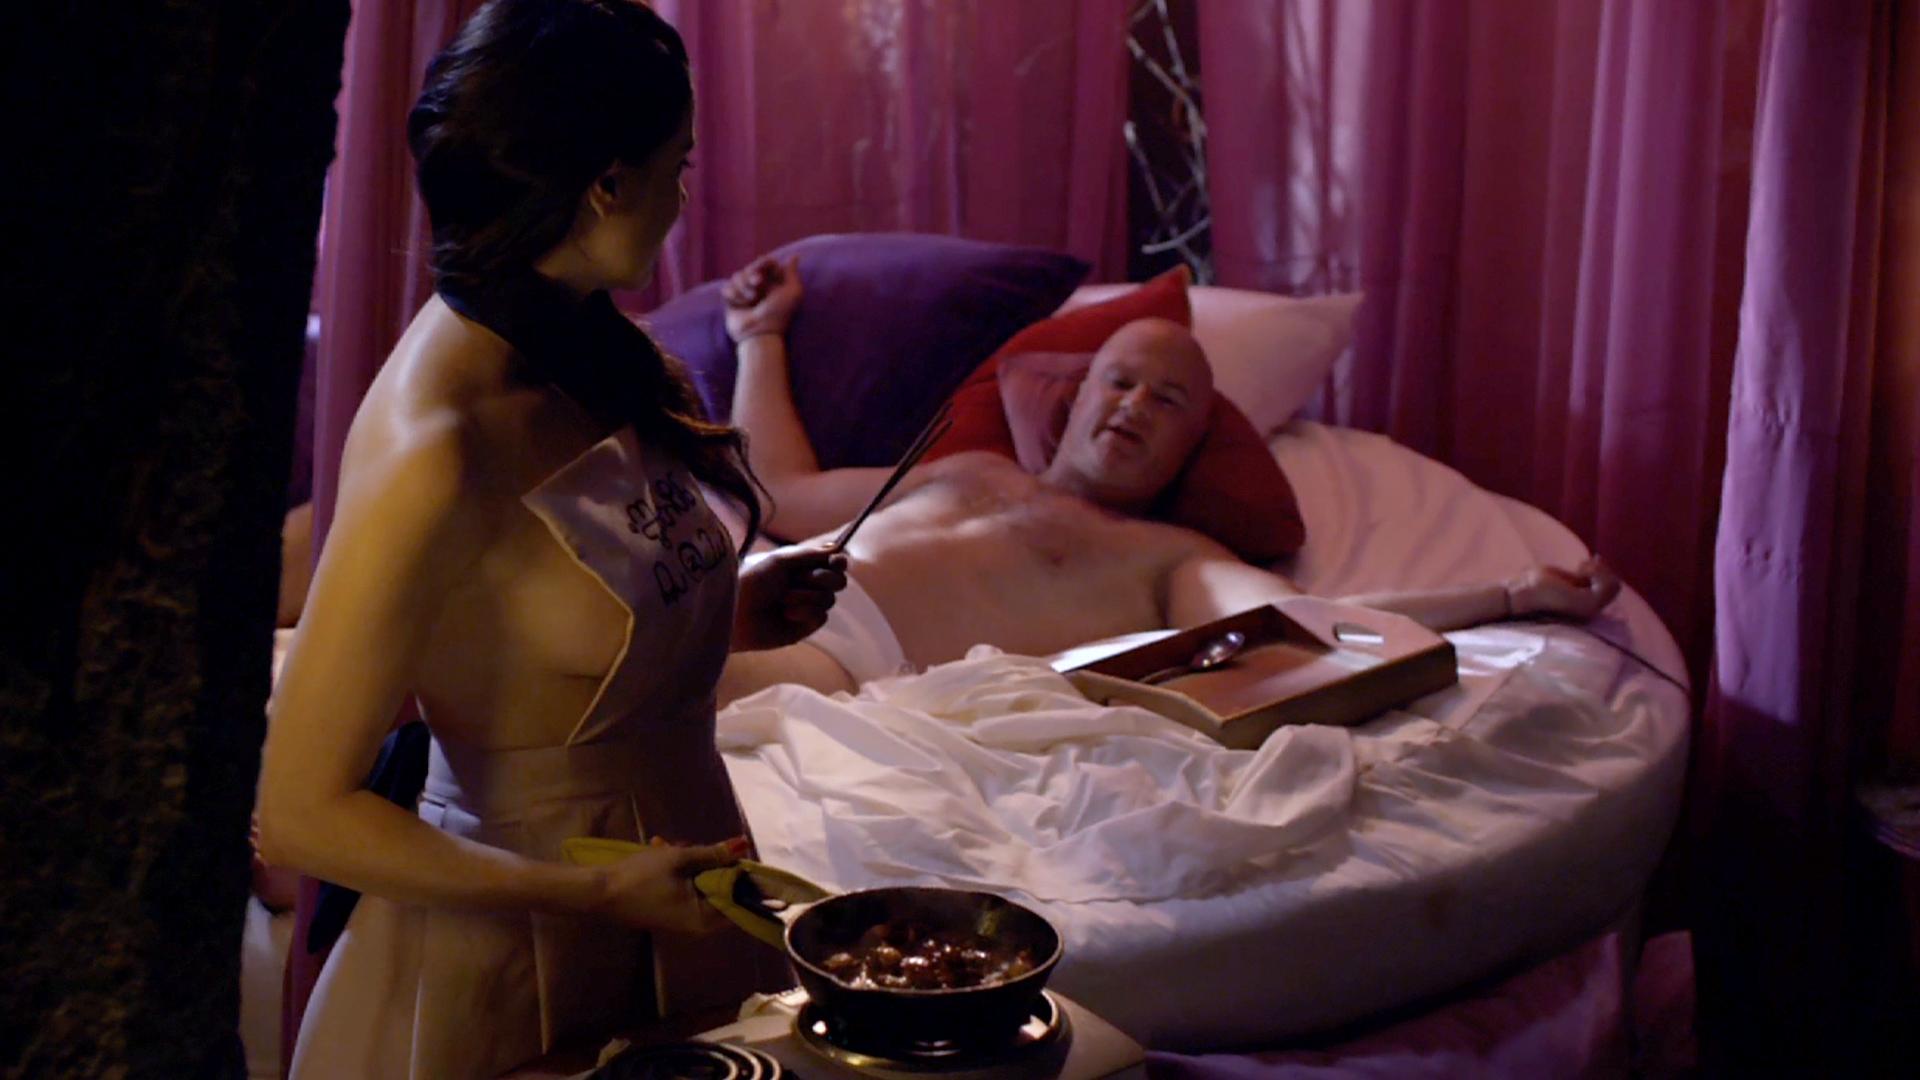 video porno in hd gratis video sesso massaggio